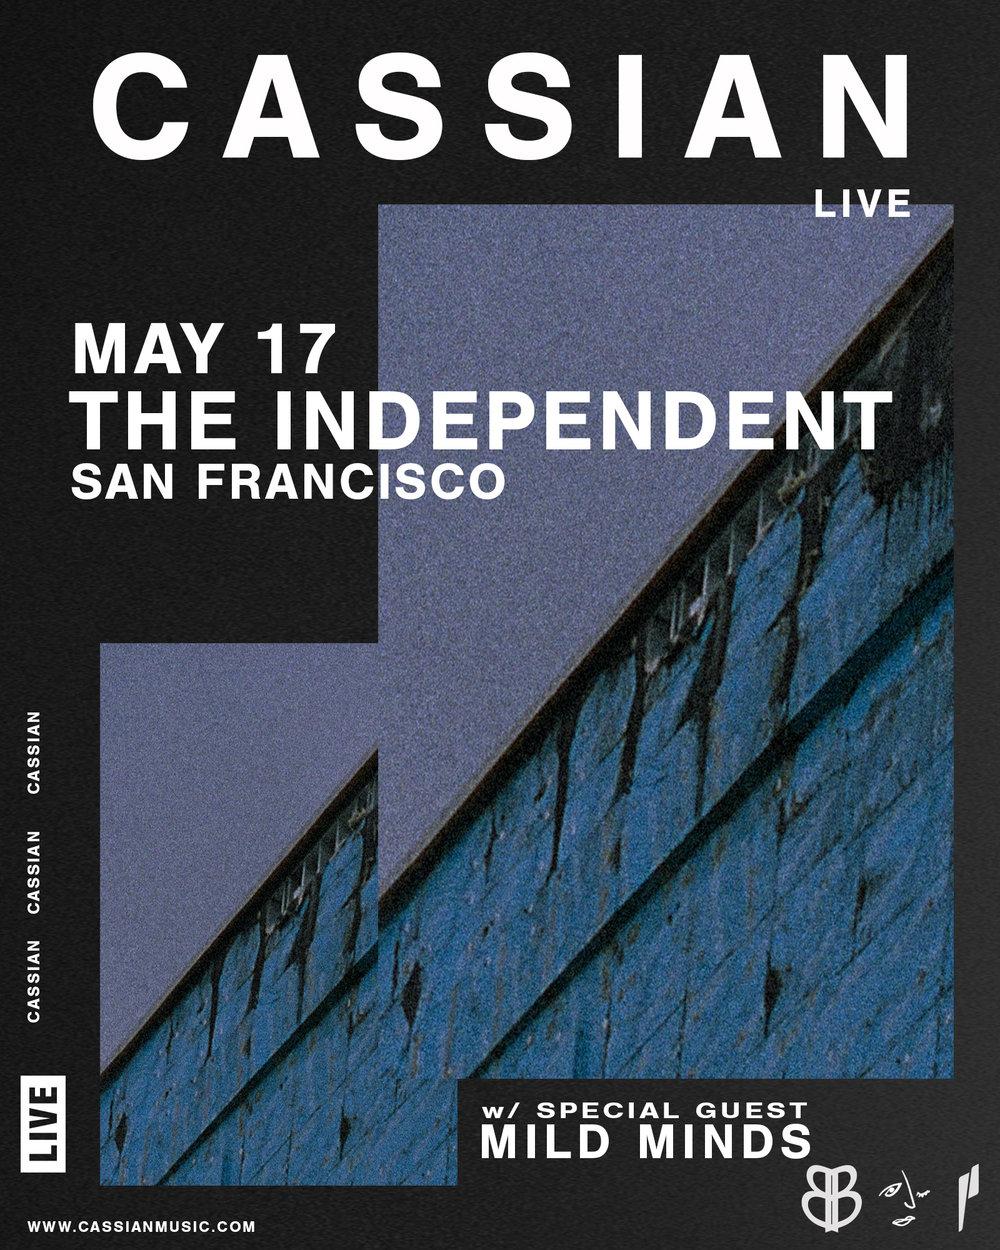 Cassian_5-17.jpg